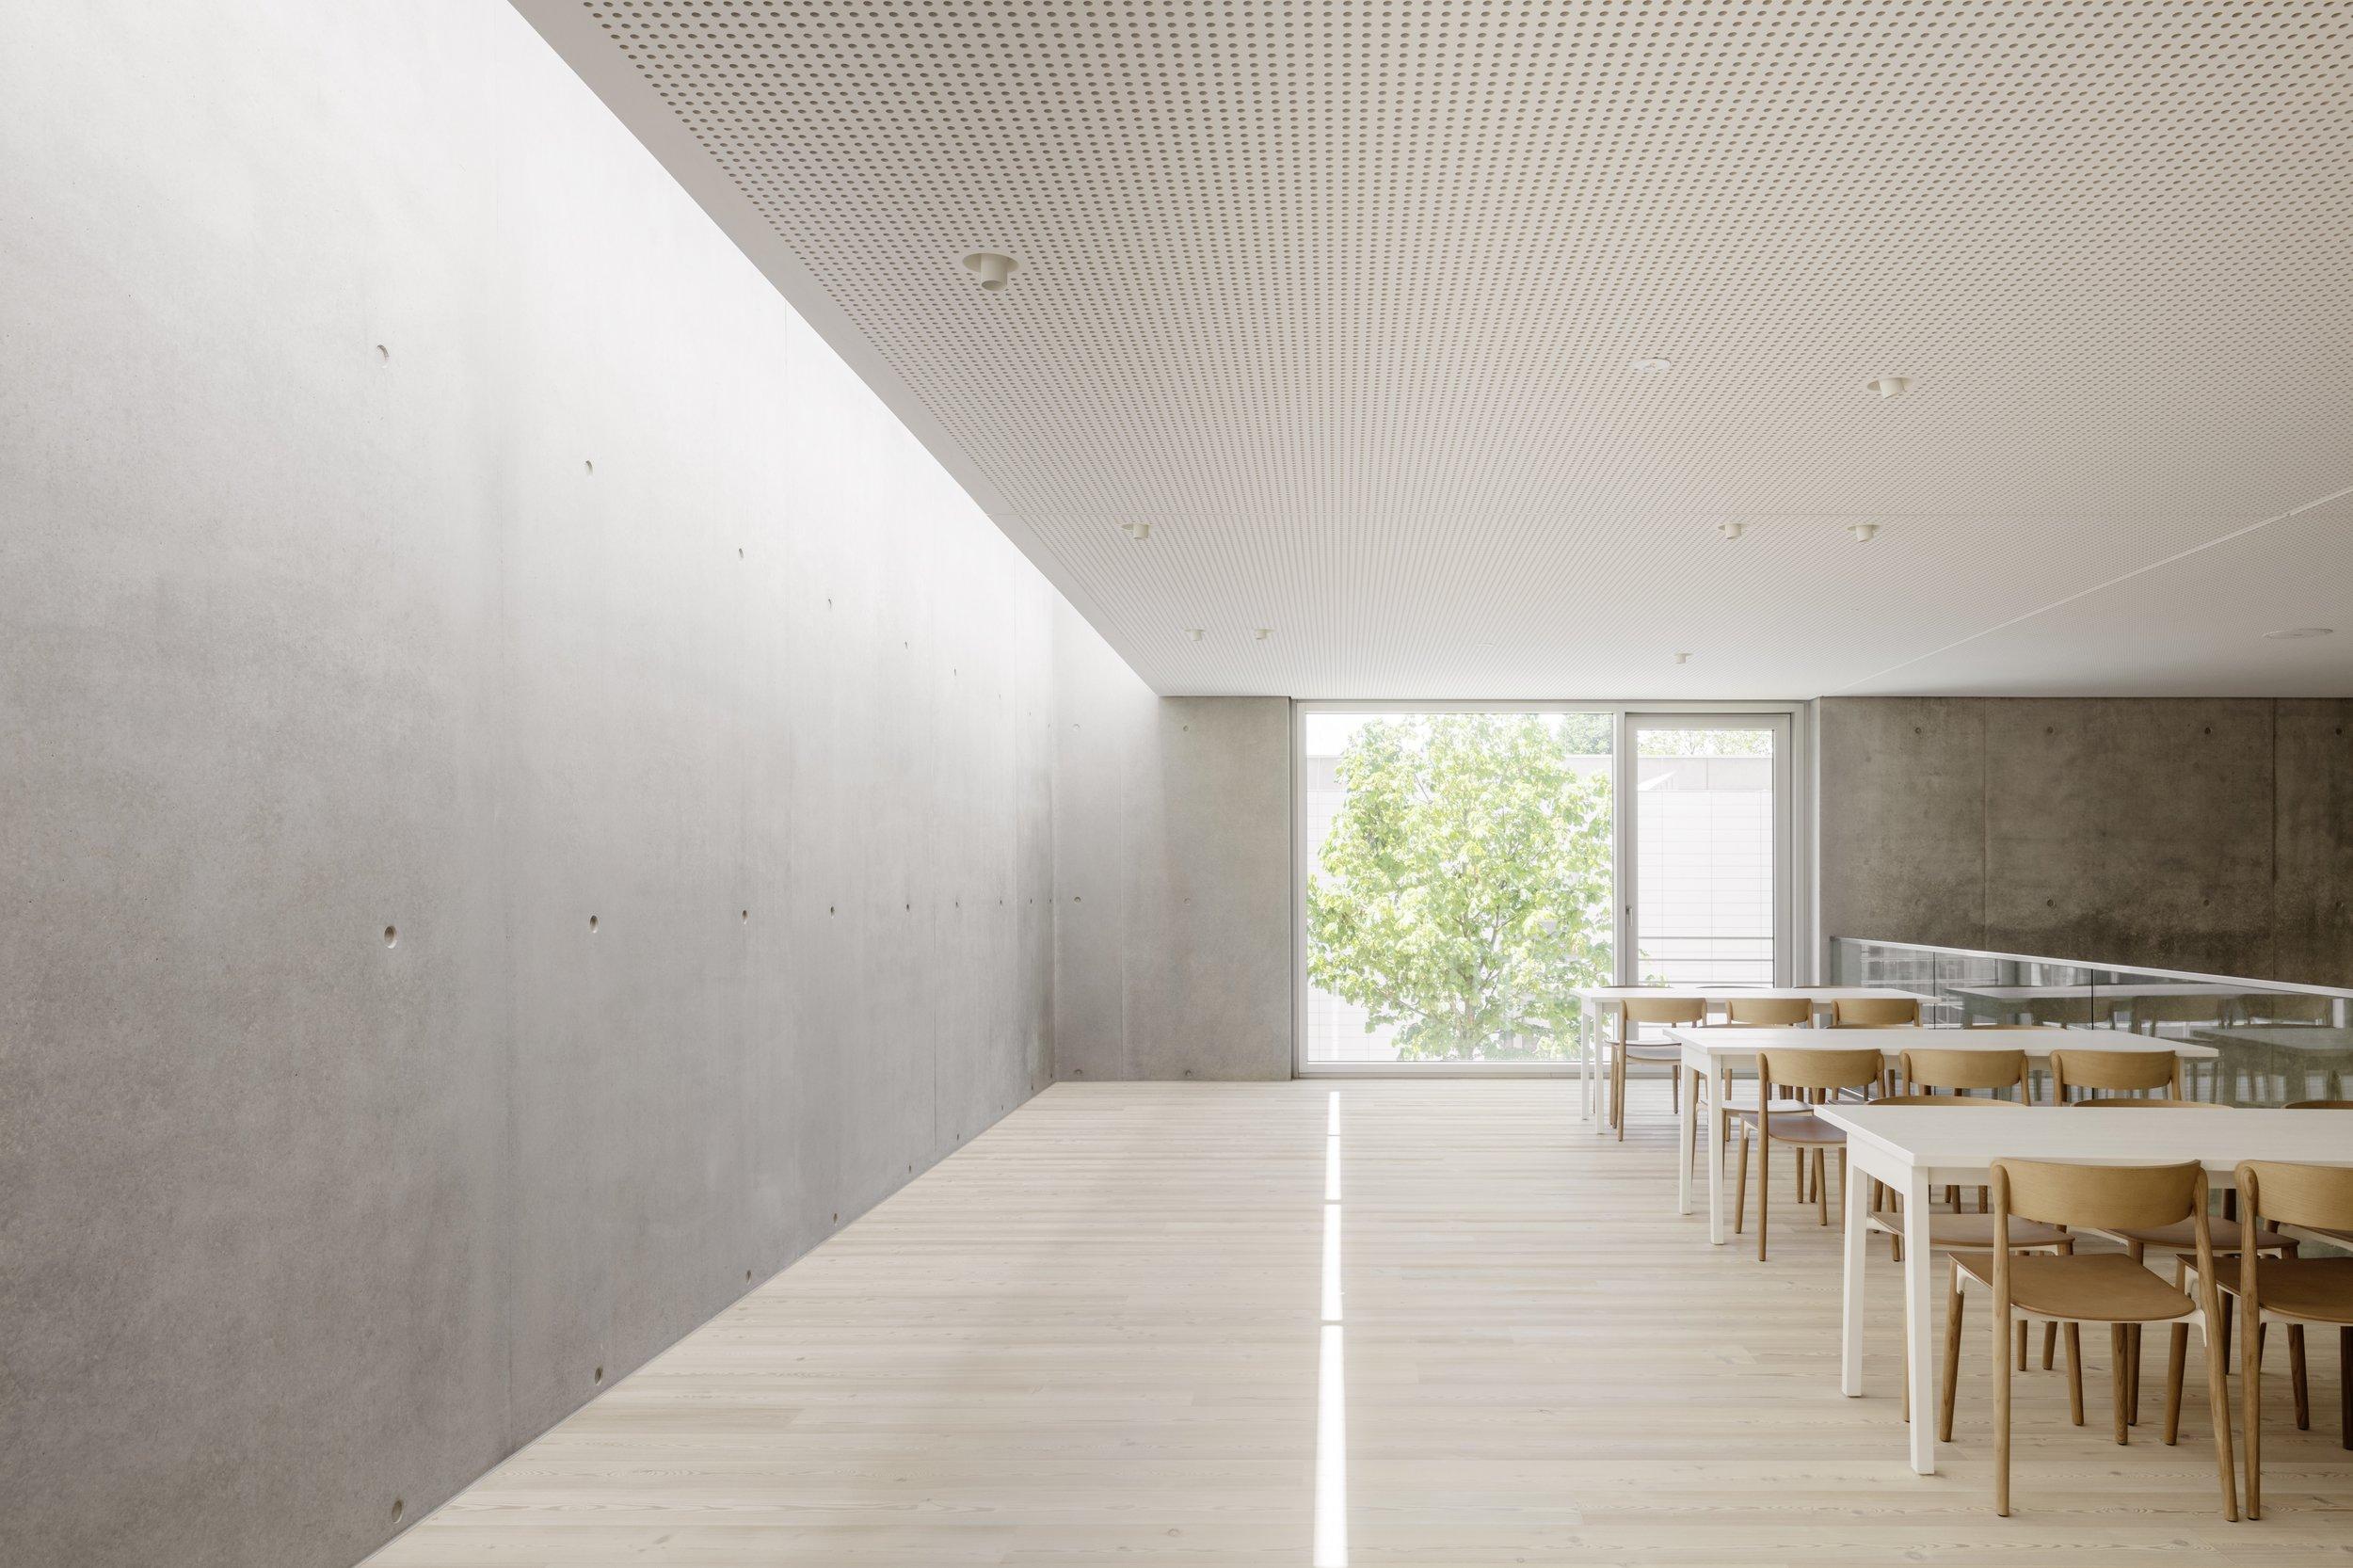 Interior view gallery level ©hiepler, brunier